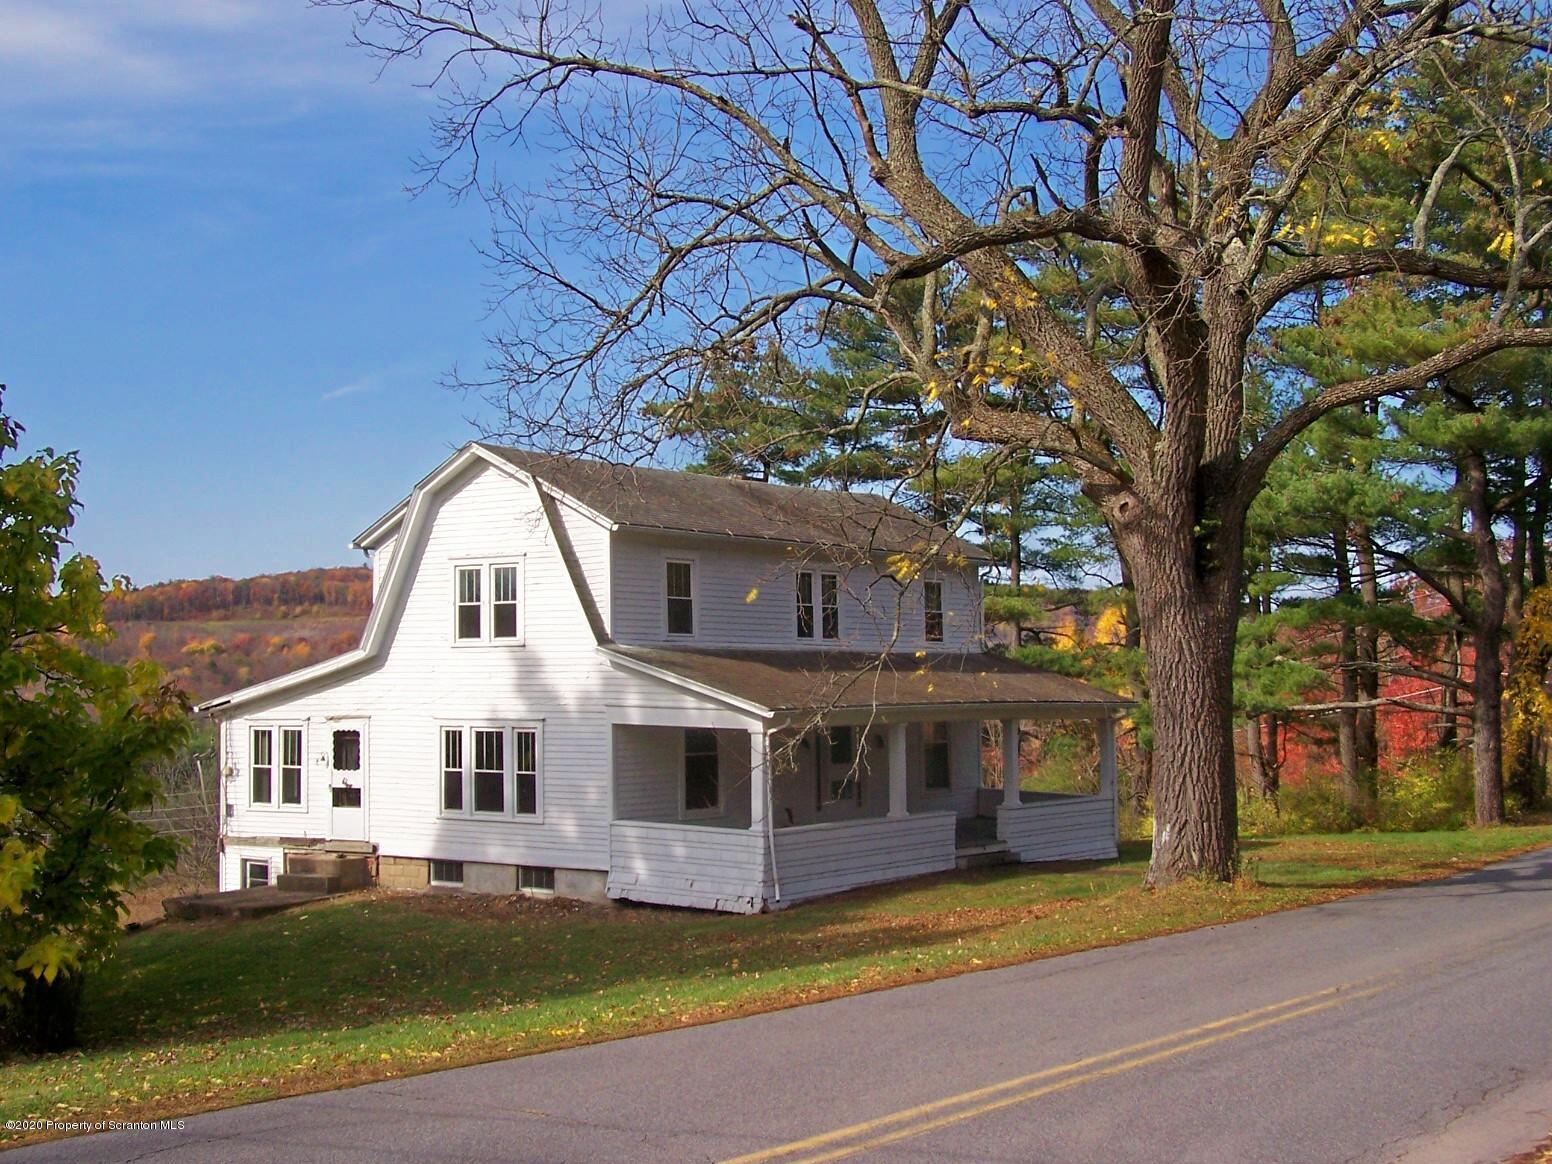 151 Dark Hollow Rd, Tunkhannock, Pennsylvania 18657, 3 Bedrooms Bedrooms, 7 Rooms Rooms,2 BathroomsBathrooms,Single Family,For Sale,Dark Hollow,20-4666